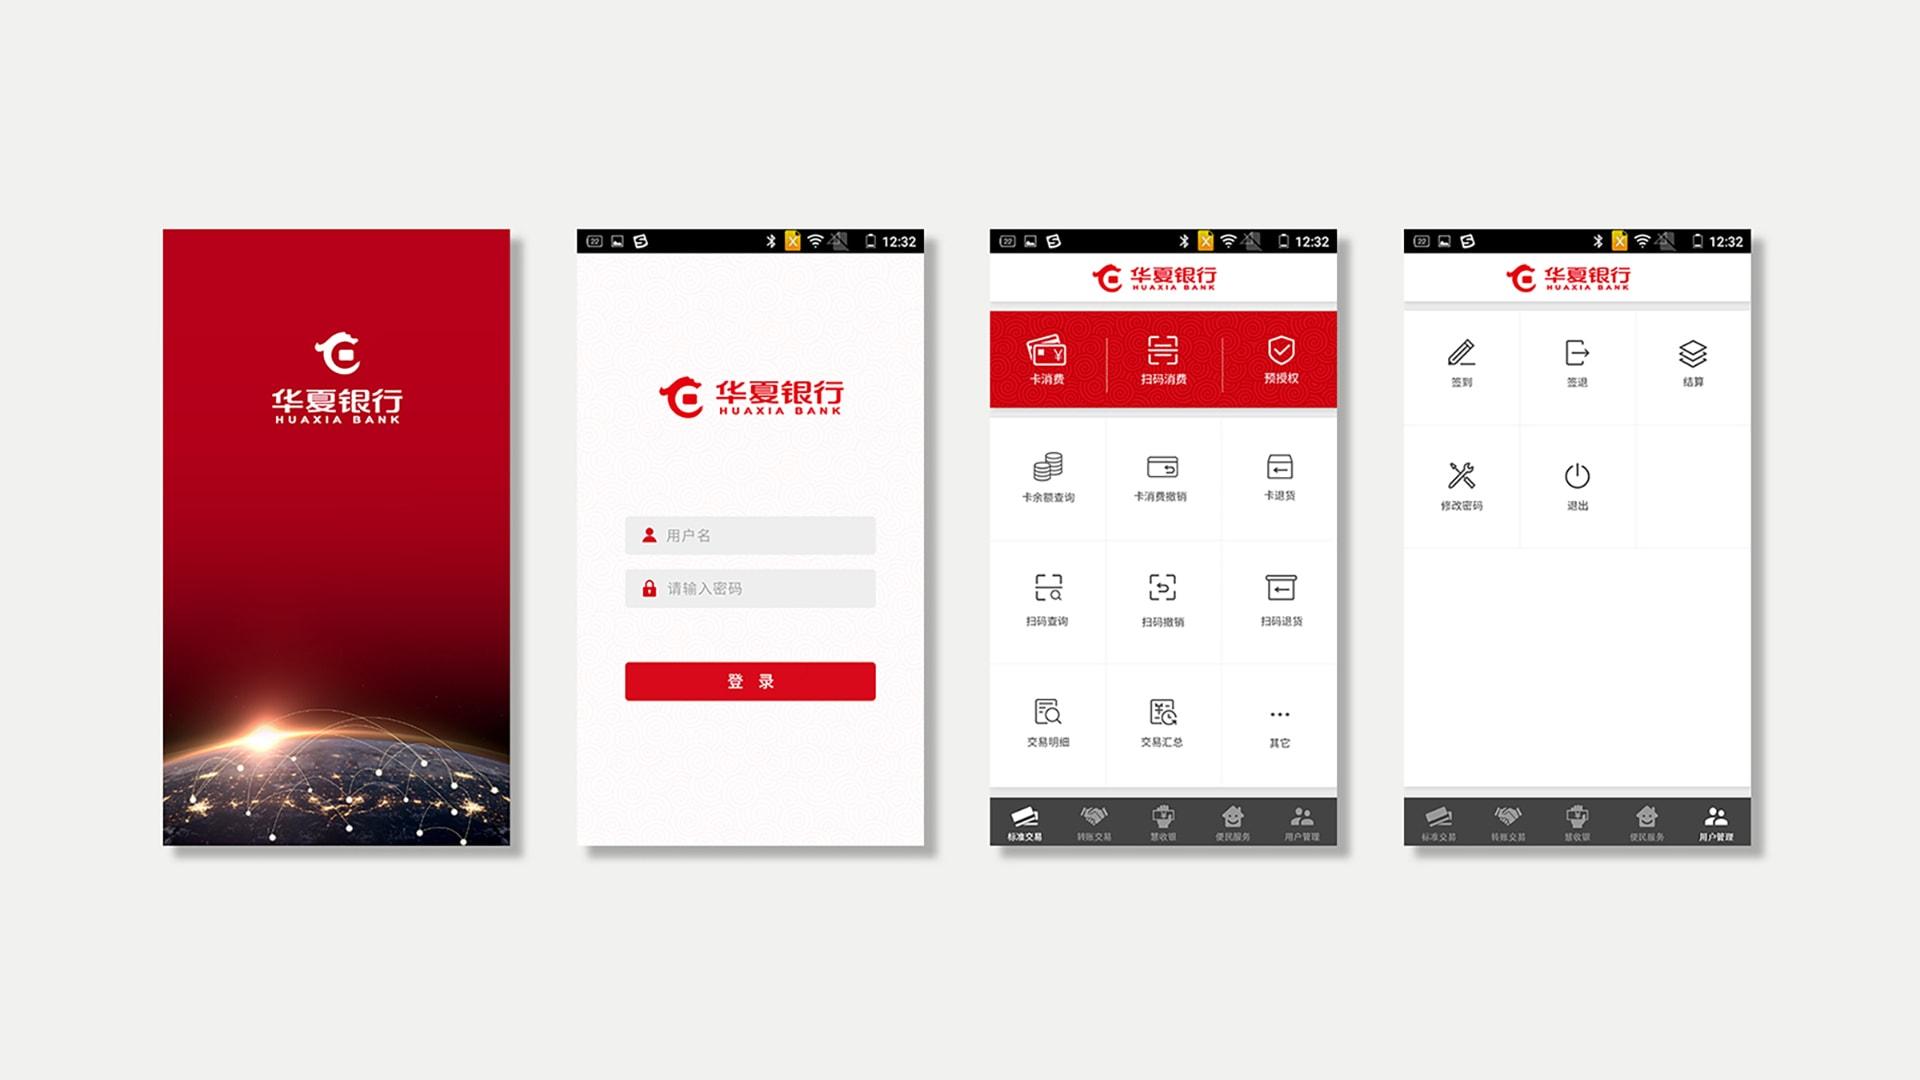 华夏银行POS机界面设计